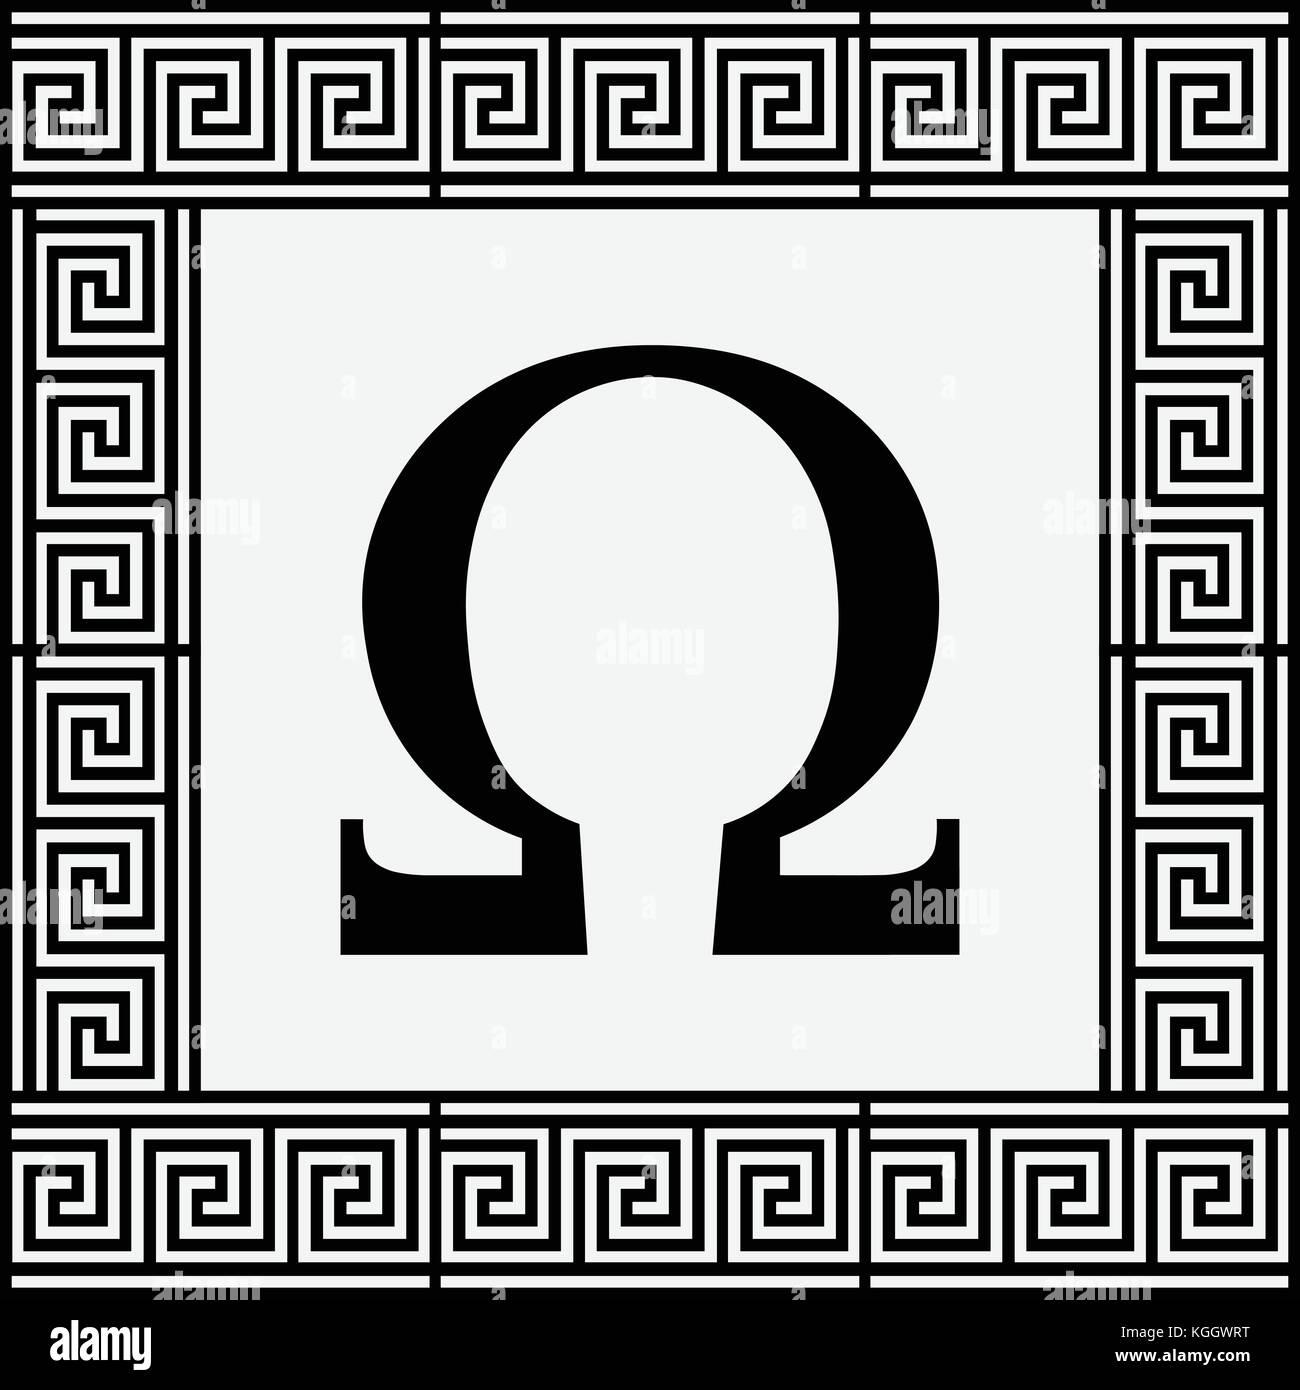 Omega Greek letter icon Omega symbol in ancient Greek frame